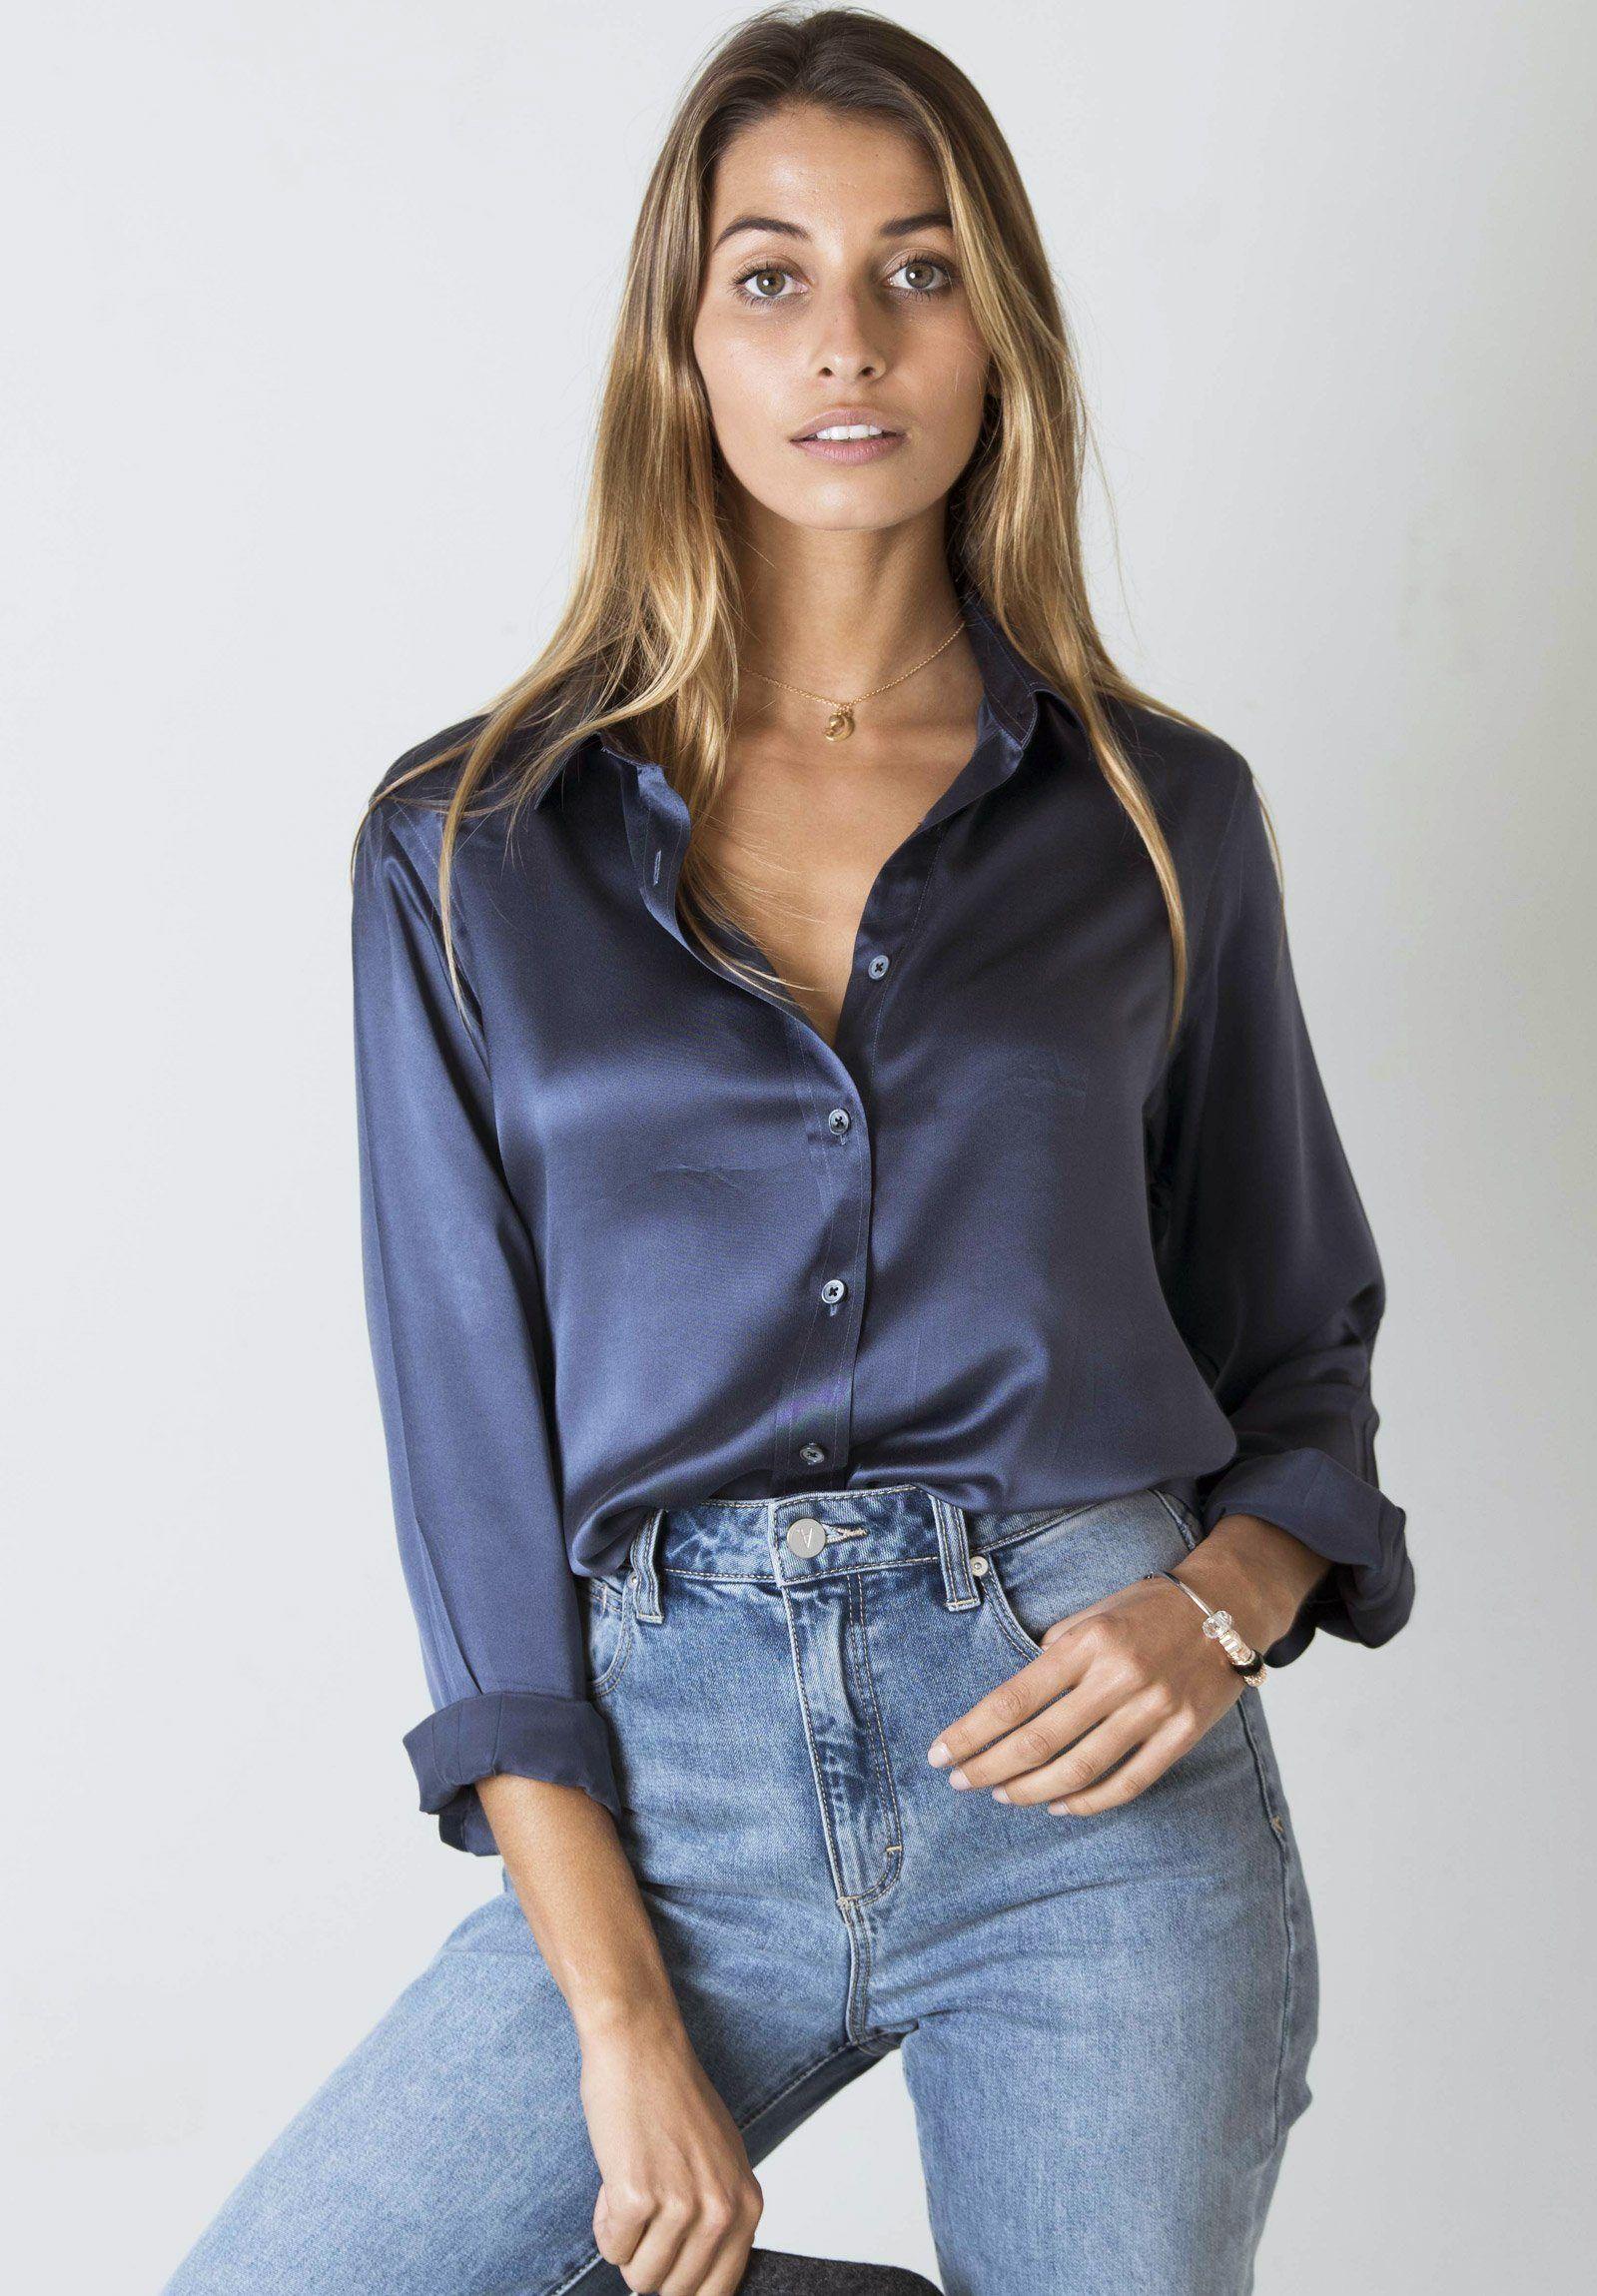 очень блуза из шелка под джинсы фото есть